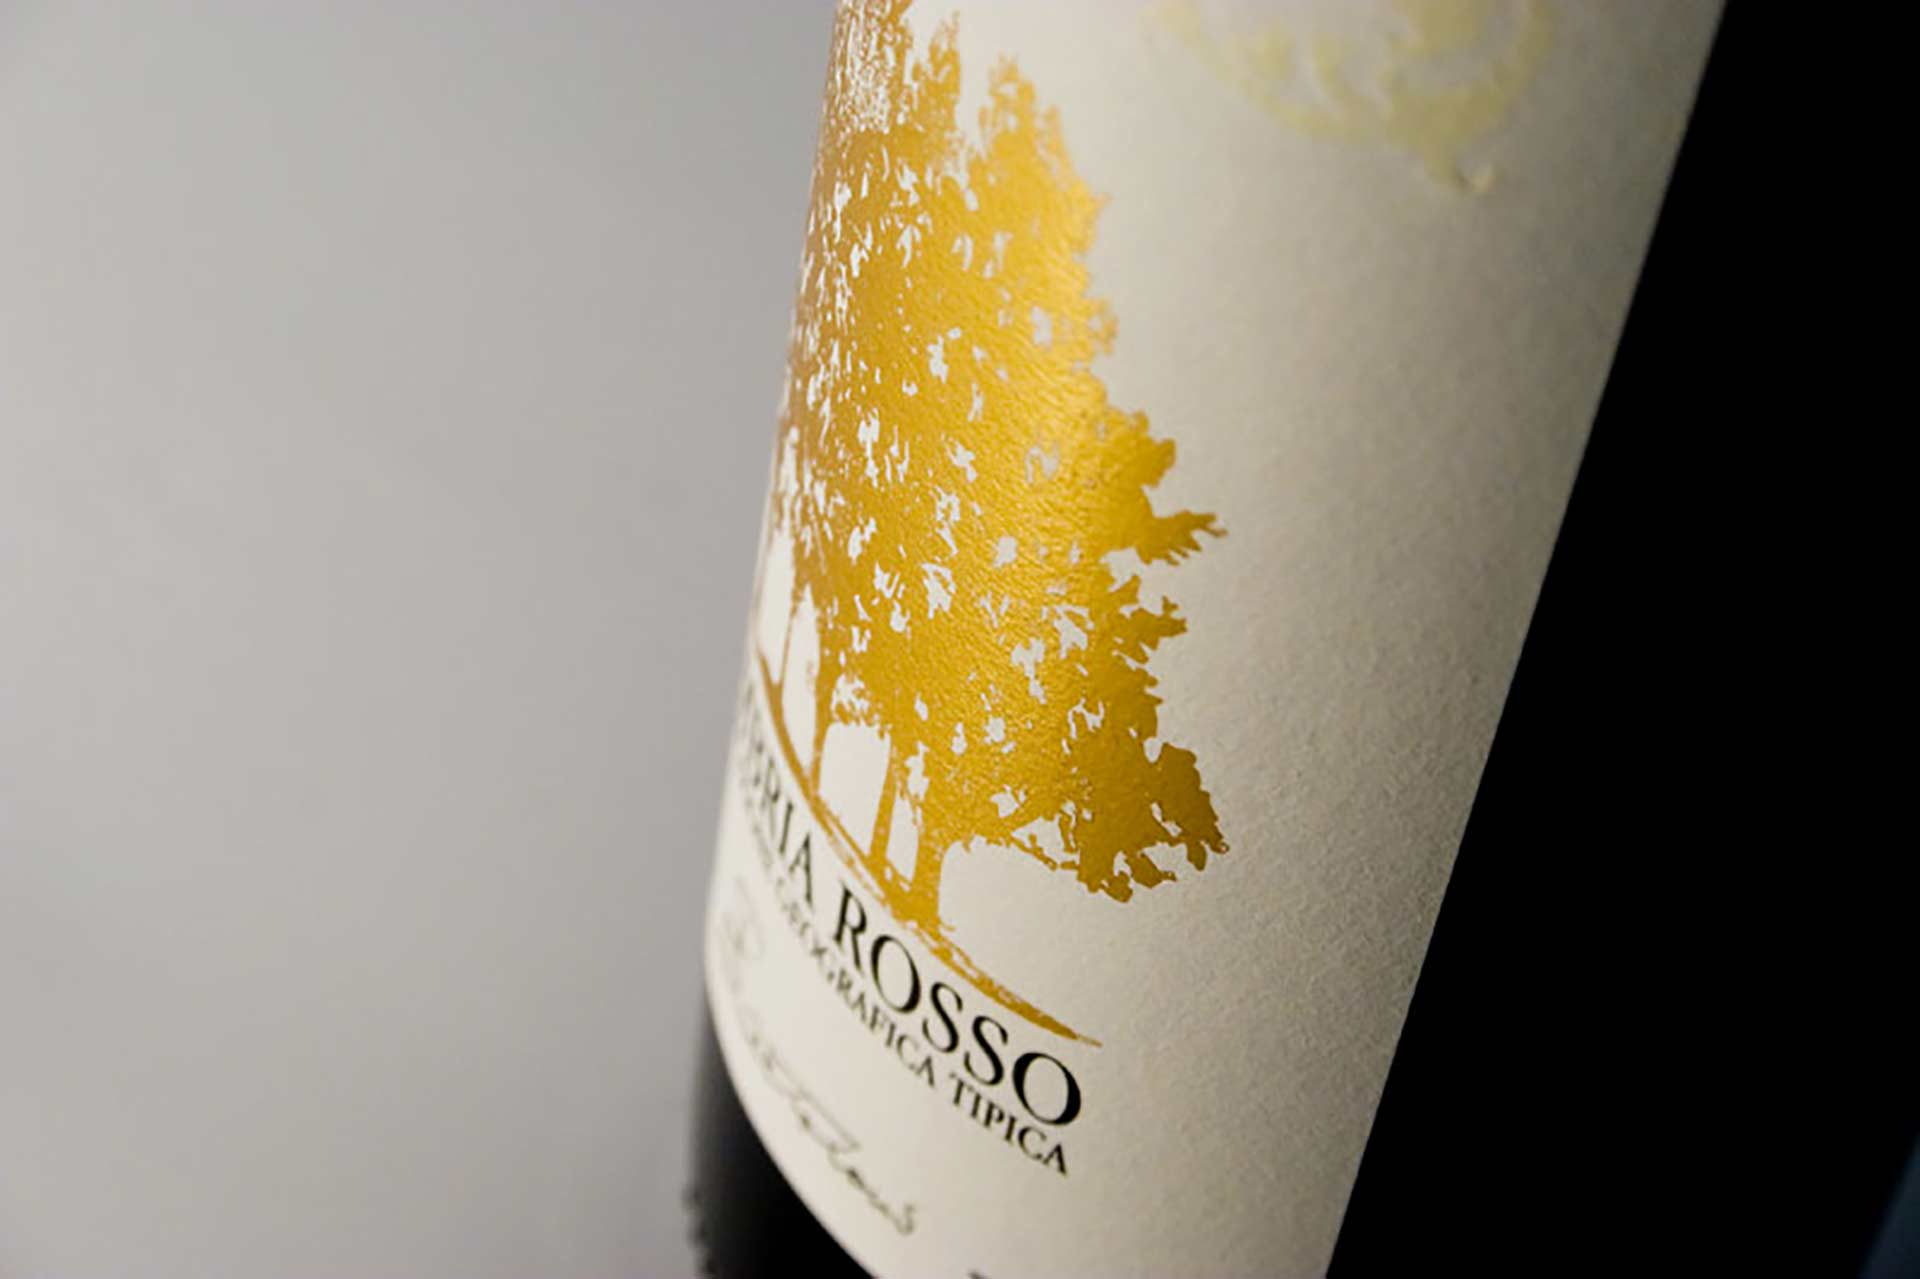 Il vino, l'oro, il gusto, ispirazione